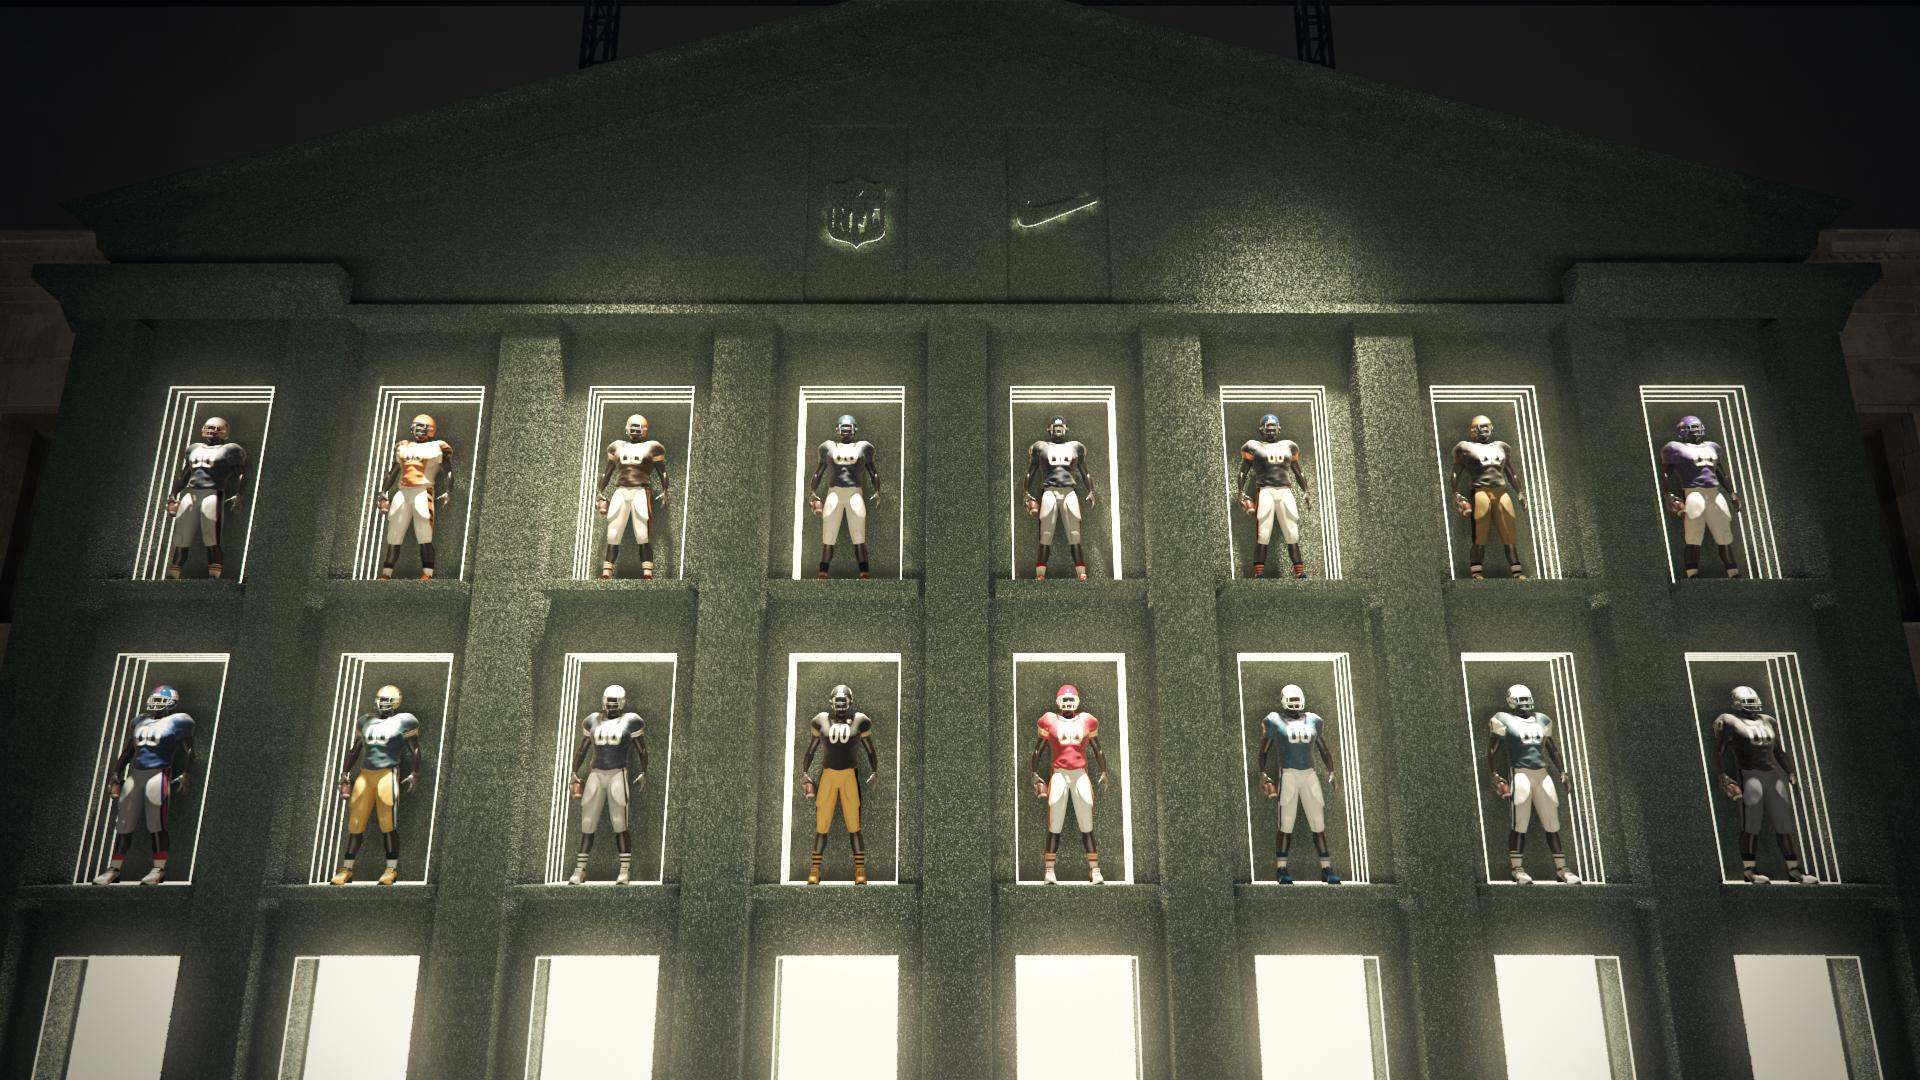 Nike_SuperBowl_COURTYARD_2015-12-14_0002.jpg